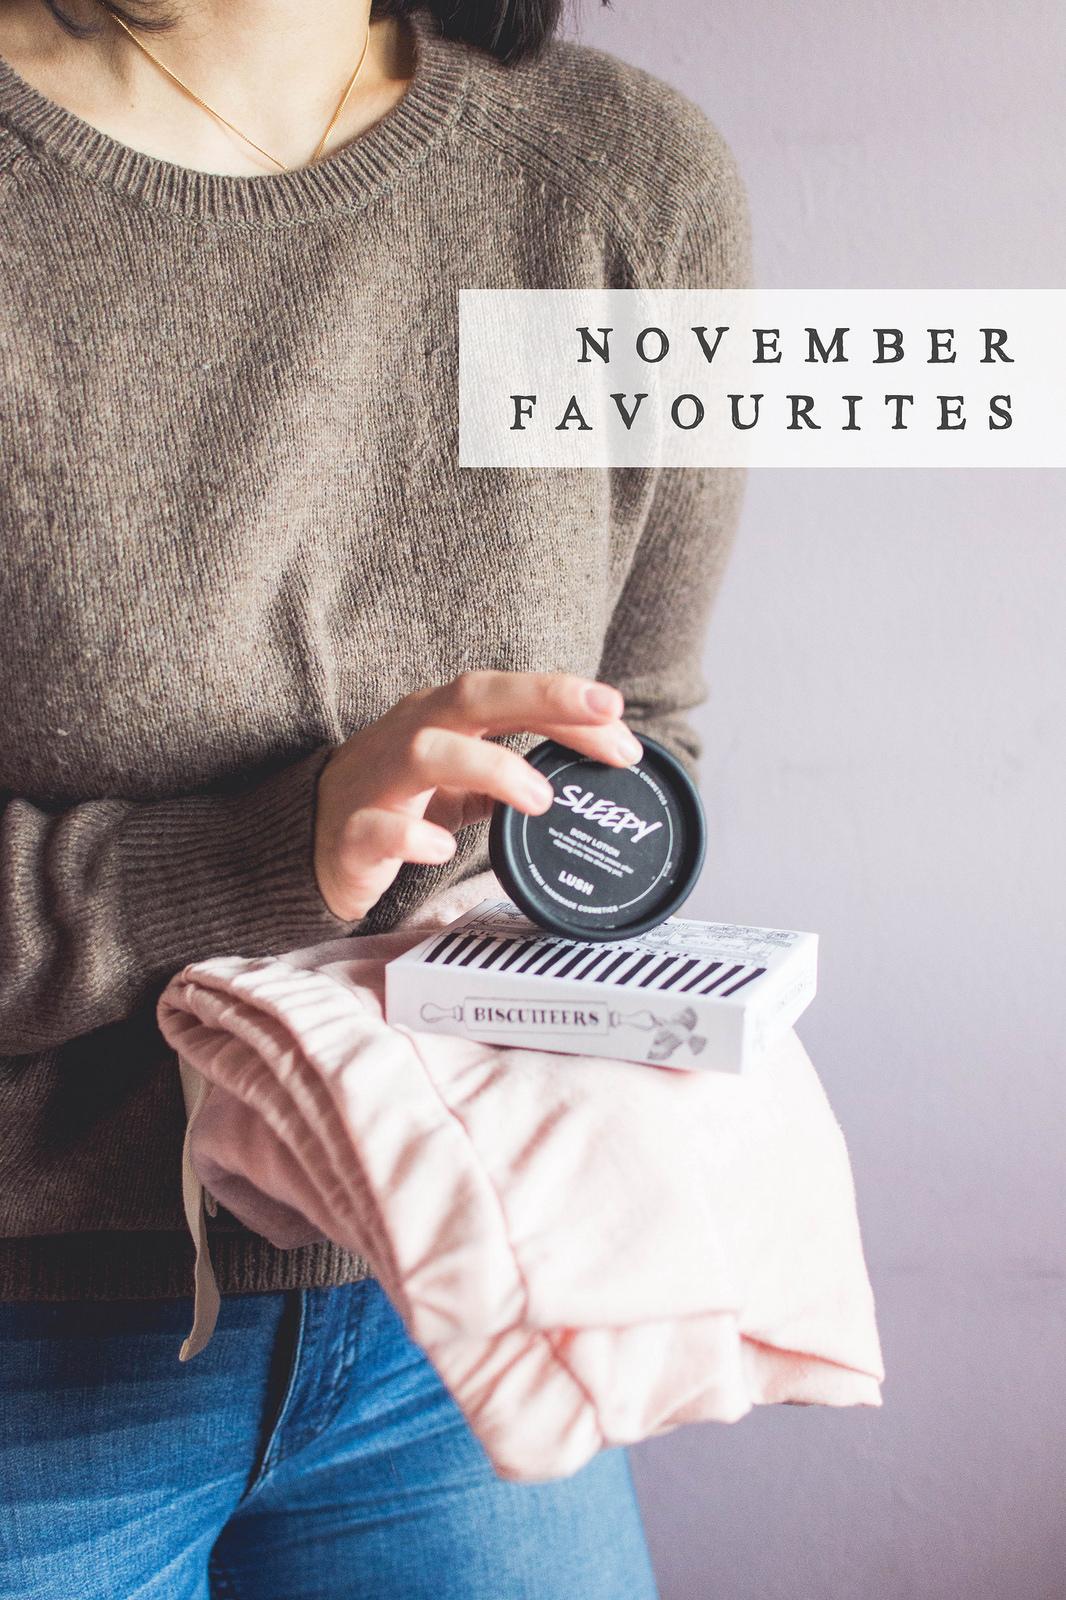 In November I